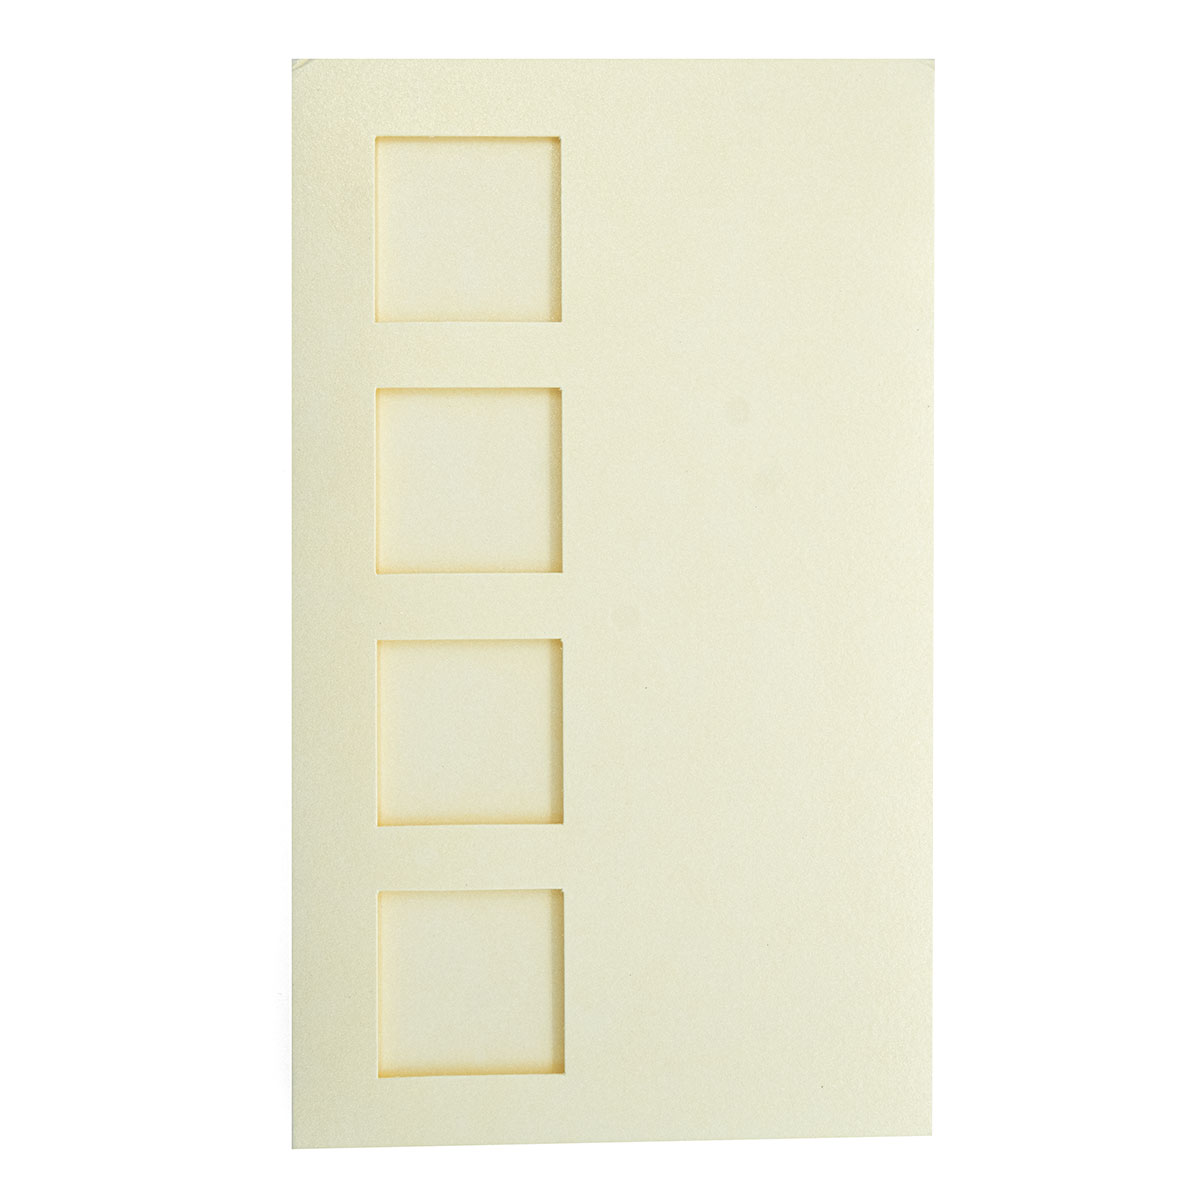 О31 Открытка тройная '4 квадрата', 9,6х16,2 см, упак./3 шт.